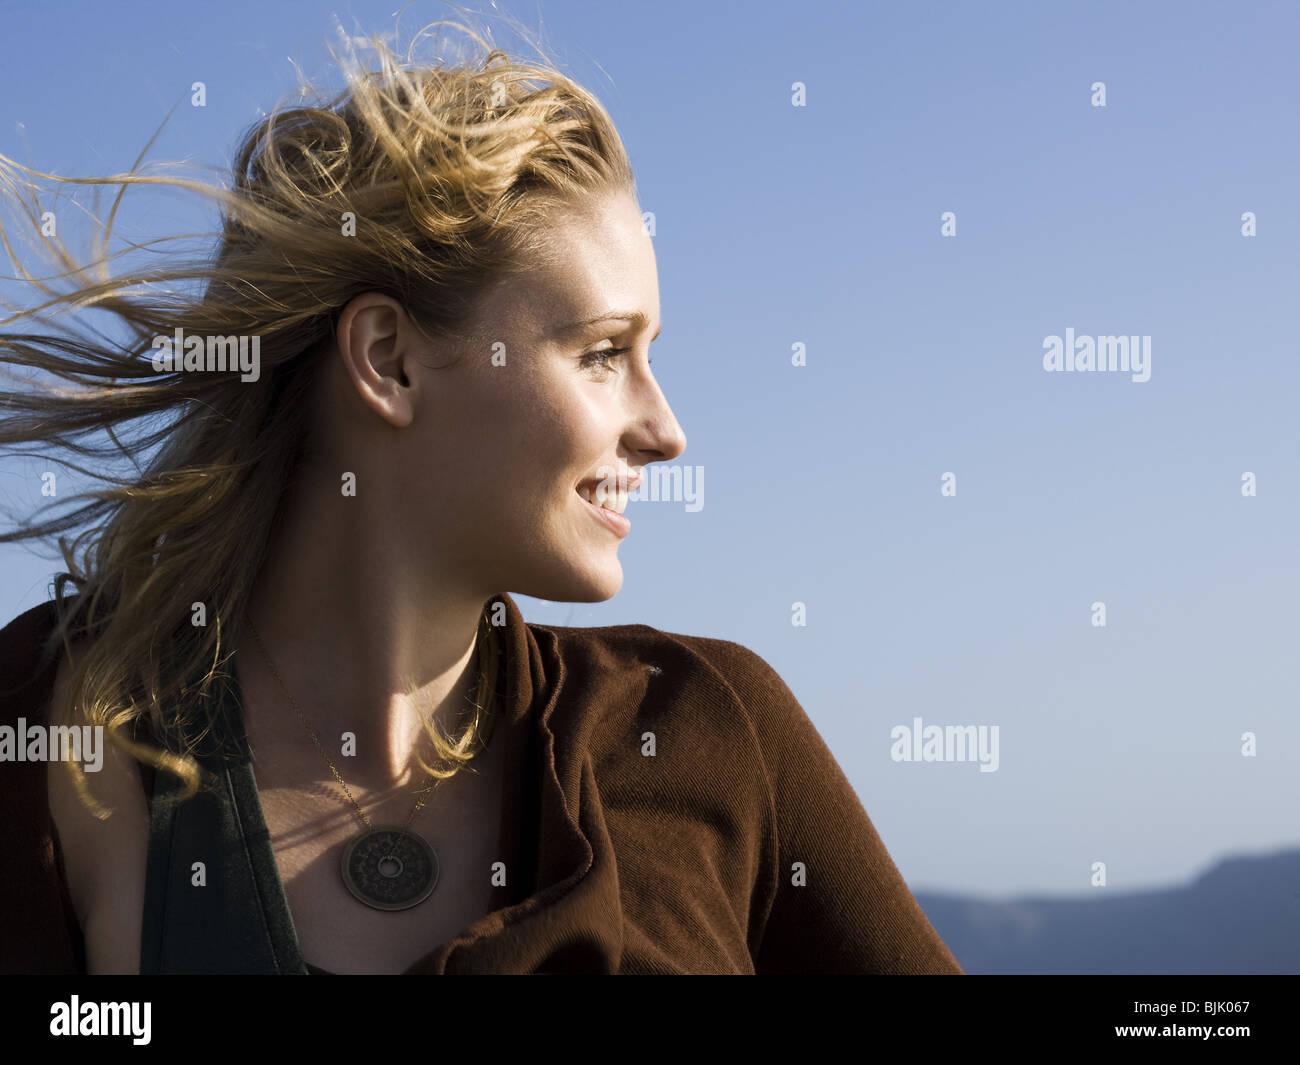 Nahaufnahme von Frau lächelnd im Freien mit blauem Himmel Stockbild